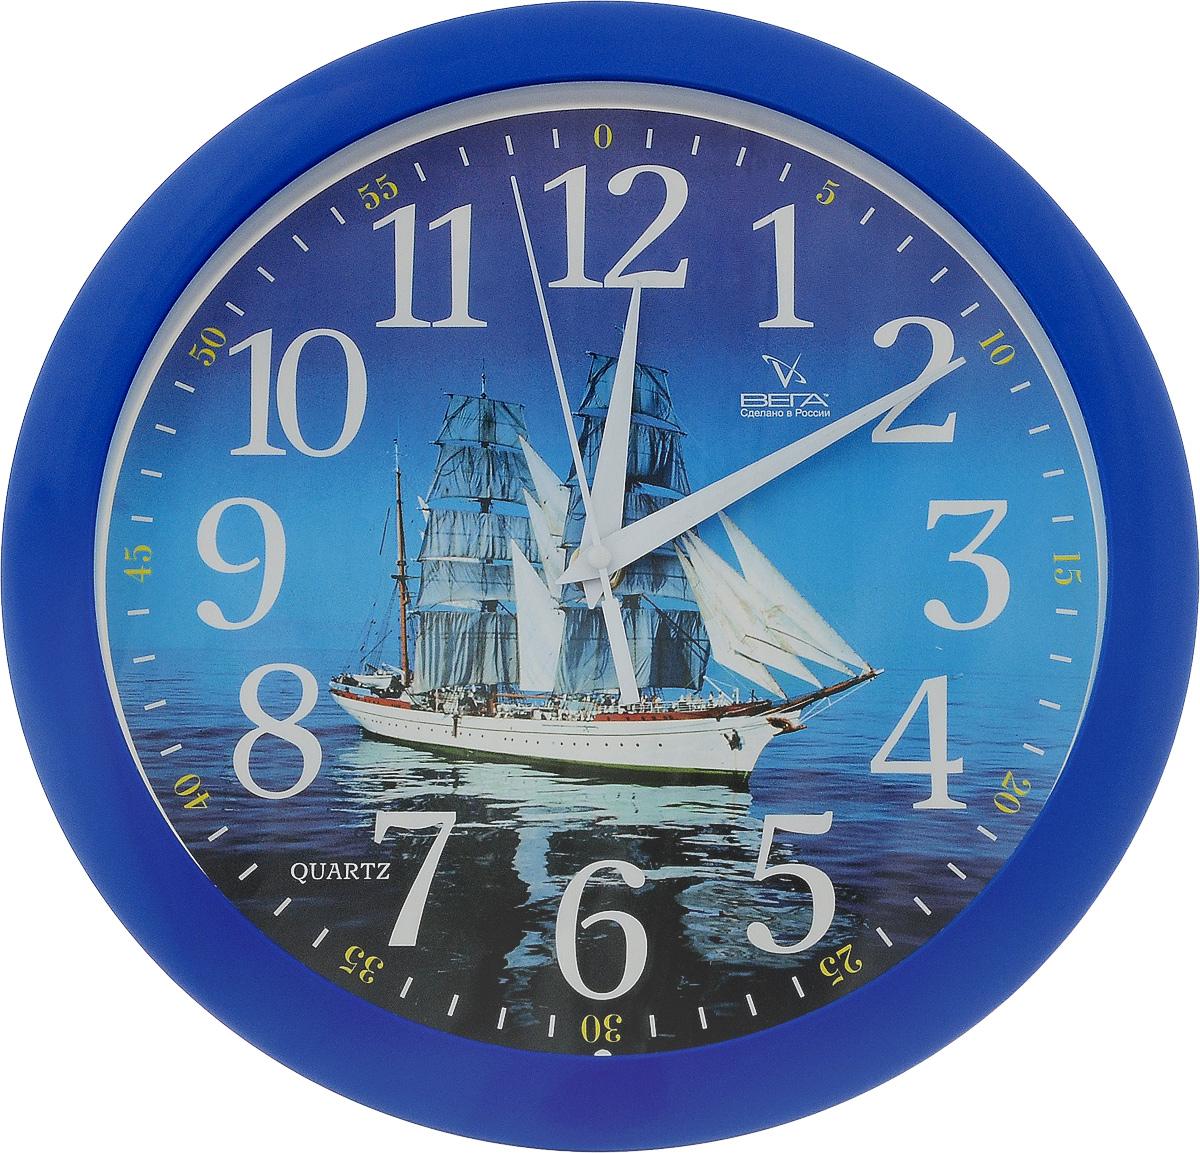 Часы настенные Вега Корабль, диаметр 28,5 смPARIS 75015-8C ANTIQUEНастенные кварцевые часы Вега Корабль, изготовленные из пластика, прекрасно впишутся в интерьер вашего дома. Циферблат, оформленных изображением корабля, имеет отметки, арабские цифры и три стрелки - часовую, минутную и секундную. Защищен циферблат прозрачным пластиком. Часы работают от 1 батарейки типа АА с напряжением 1,5 В (не входит в комплект).Диаметр часов: 28,5 см.